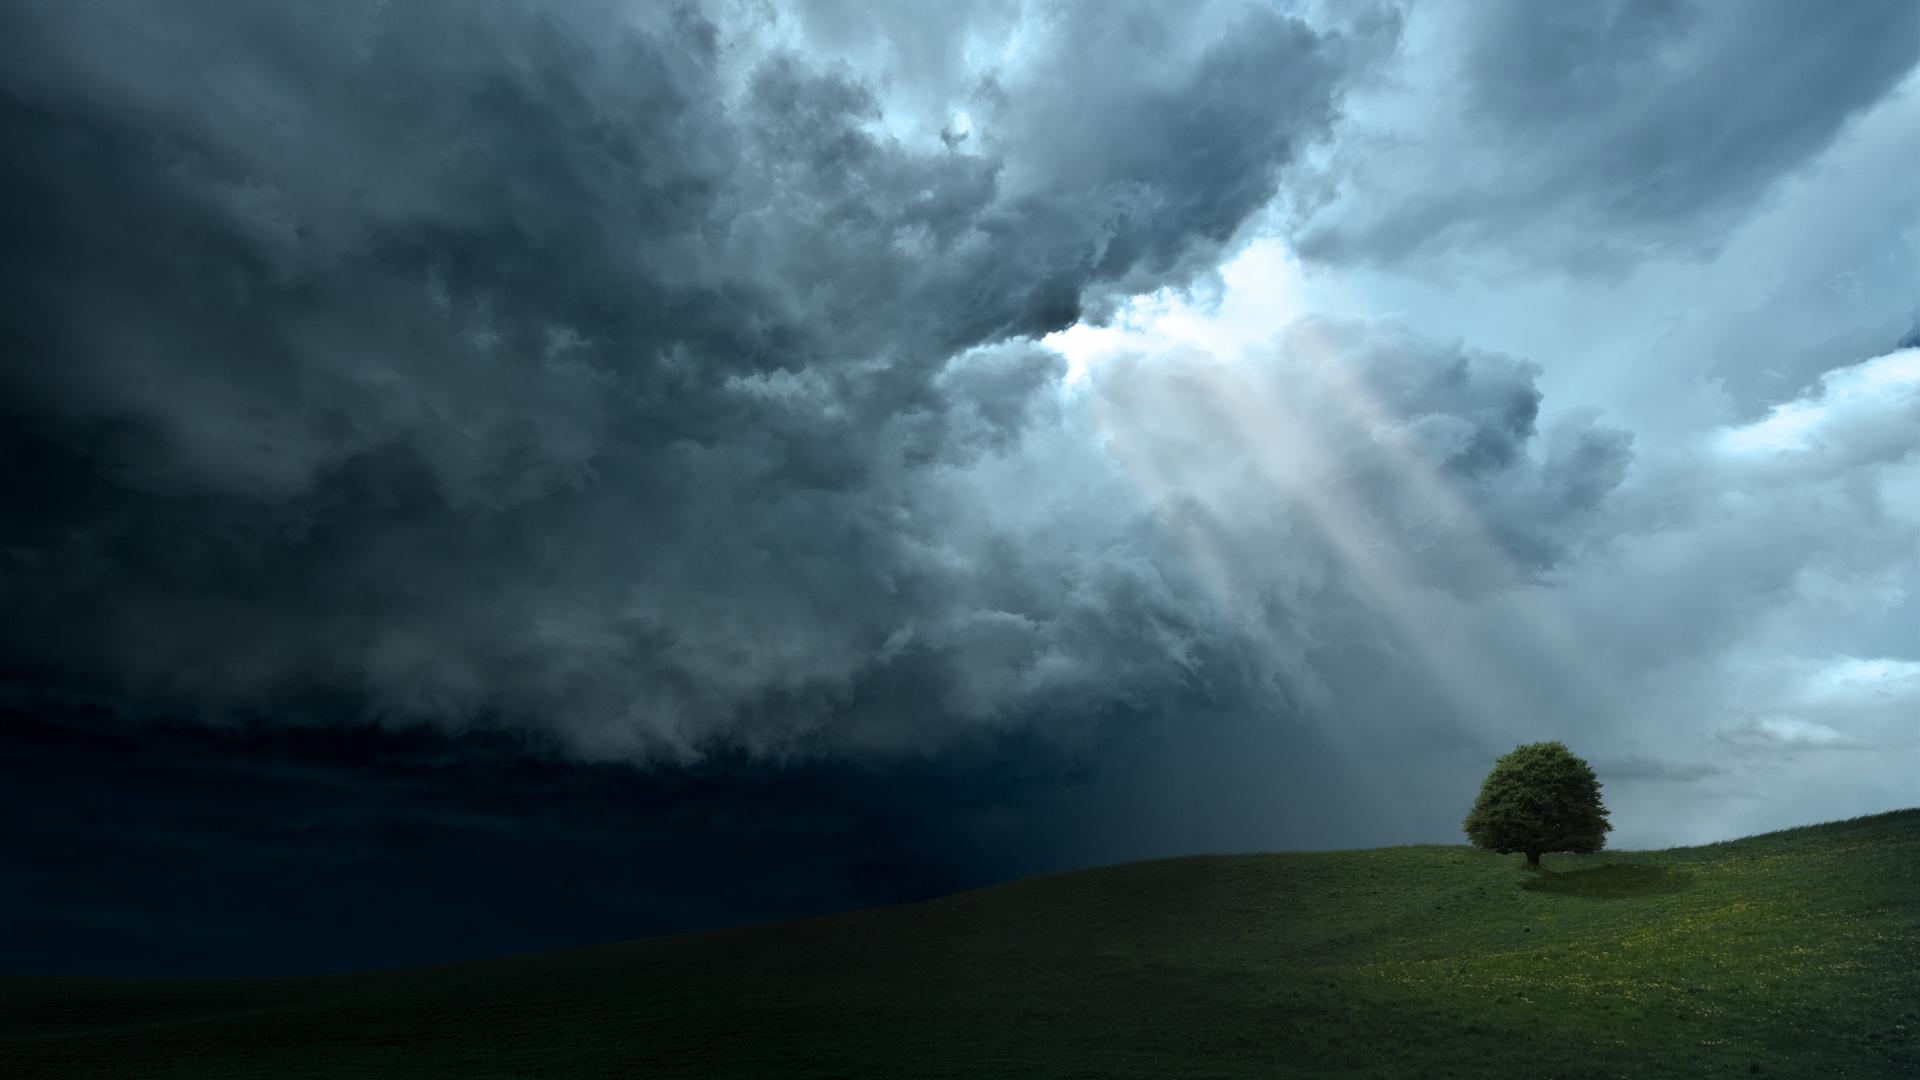 лучи, свет, дерево, холмы, пейзажи, фото, обои, красота, деревья, Облака, небо